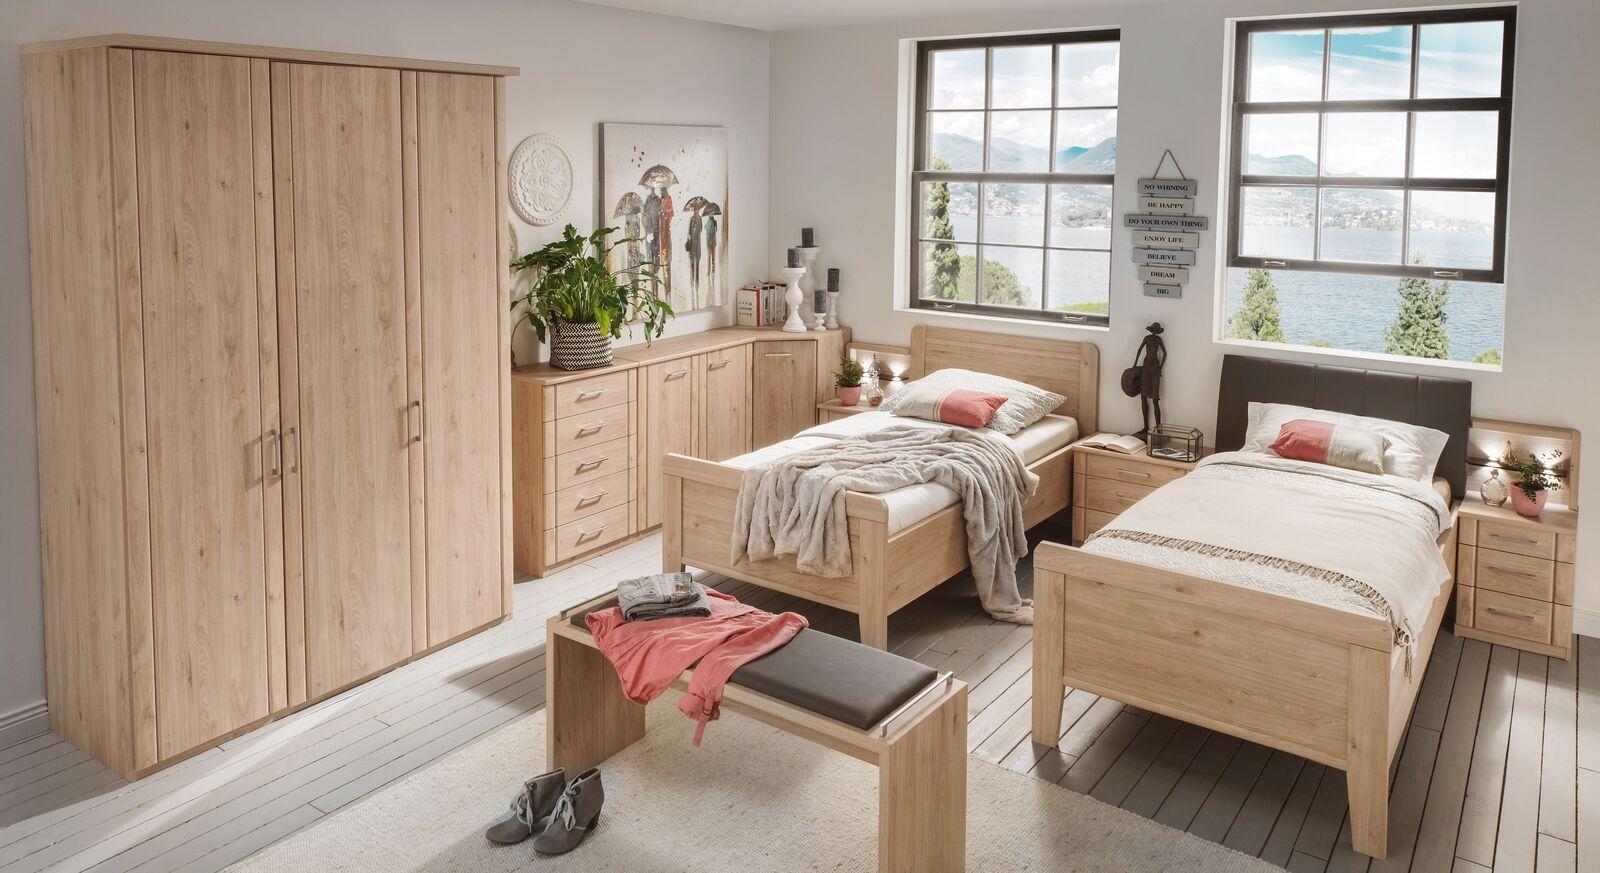 Komfort-Einzelbett Herdorf mit passenden Schlafzimmermöbeln